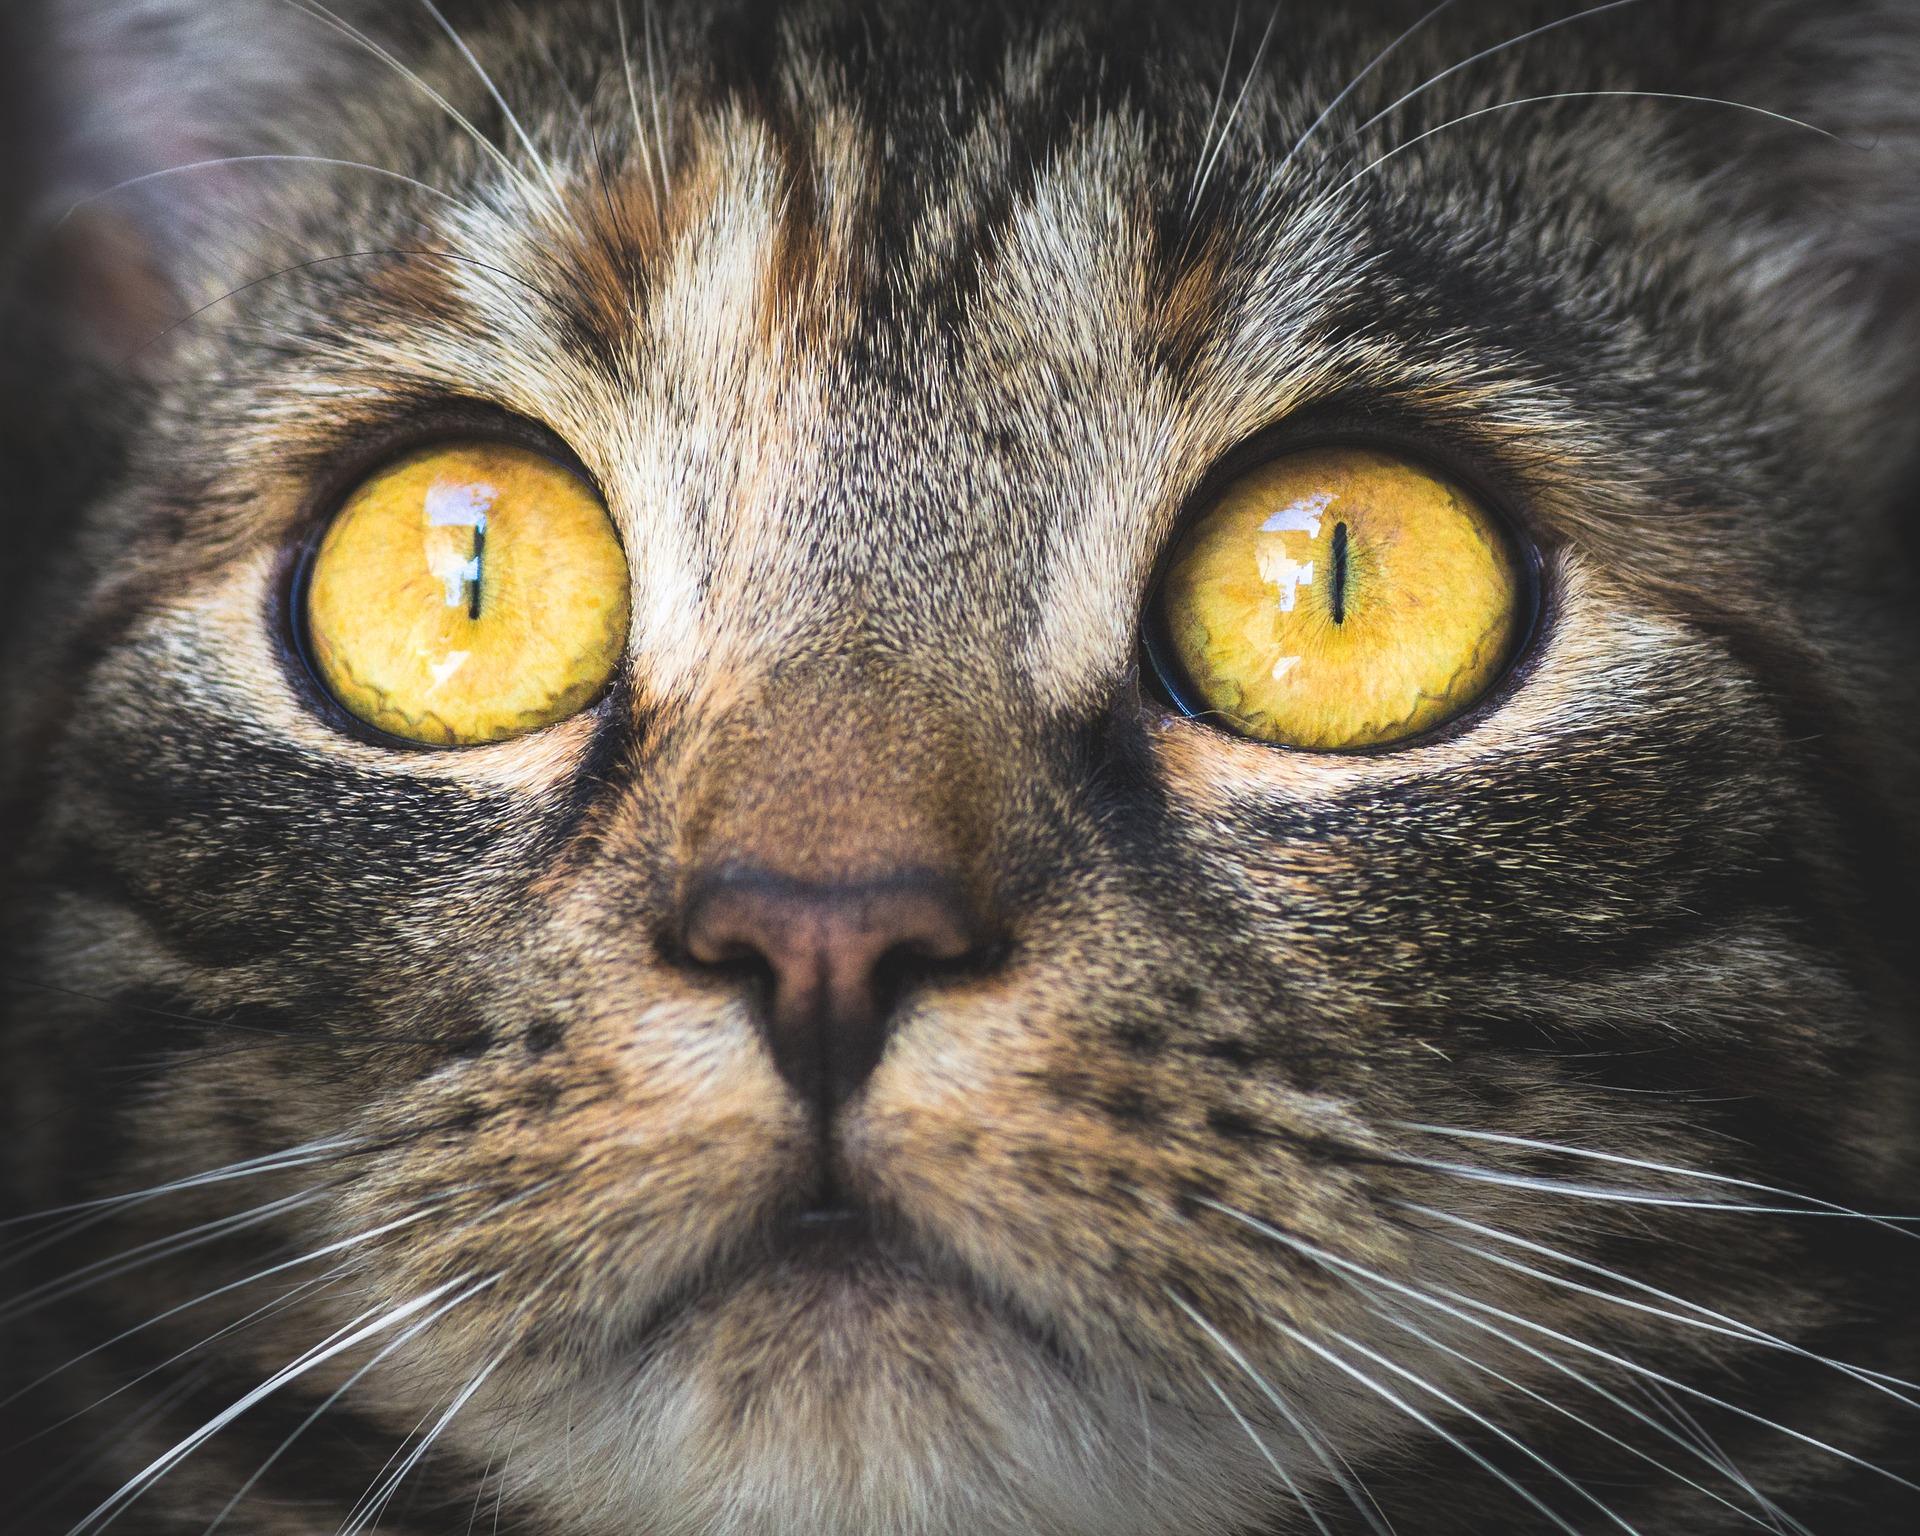 cat-3374422_1920